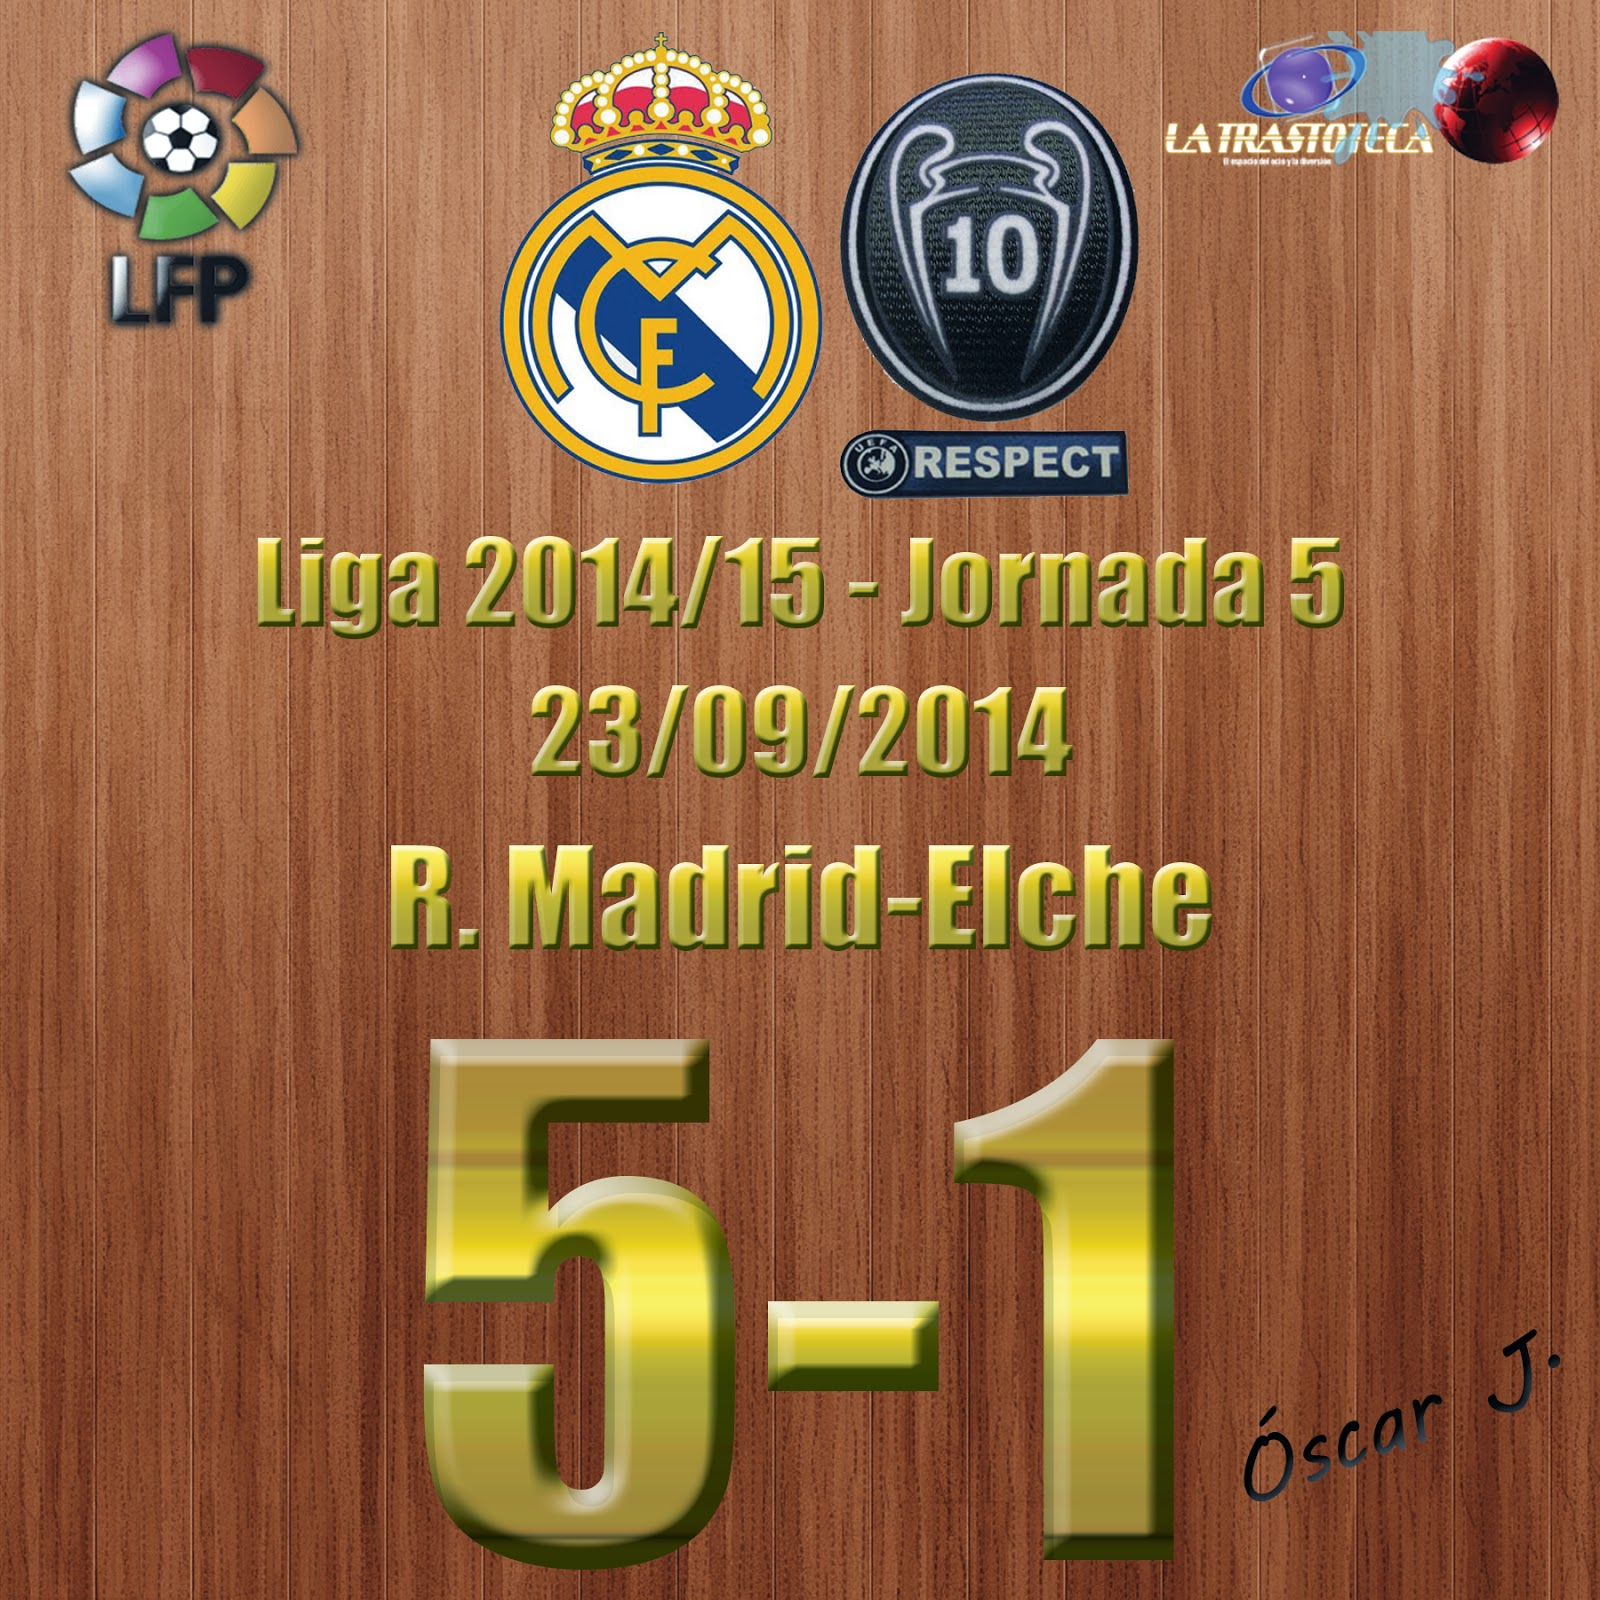 Real Madrid 5-1 Elche - Liga 2014/15 - Jornada 5. Goleada con Póker de Cristiano Ronaldo.